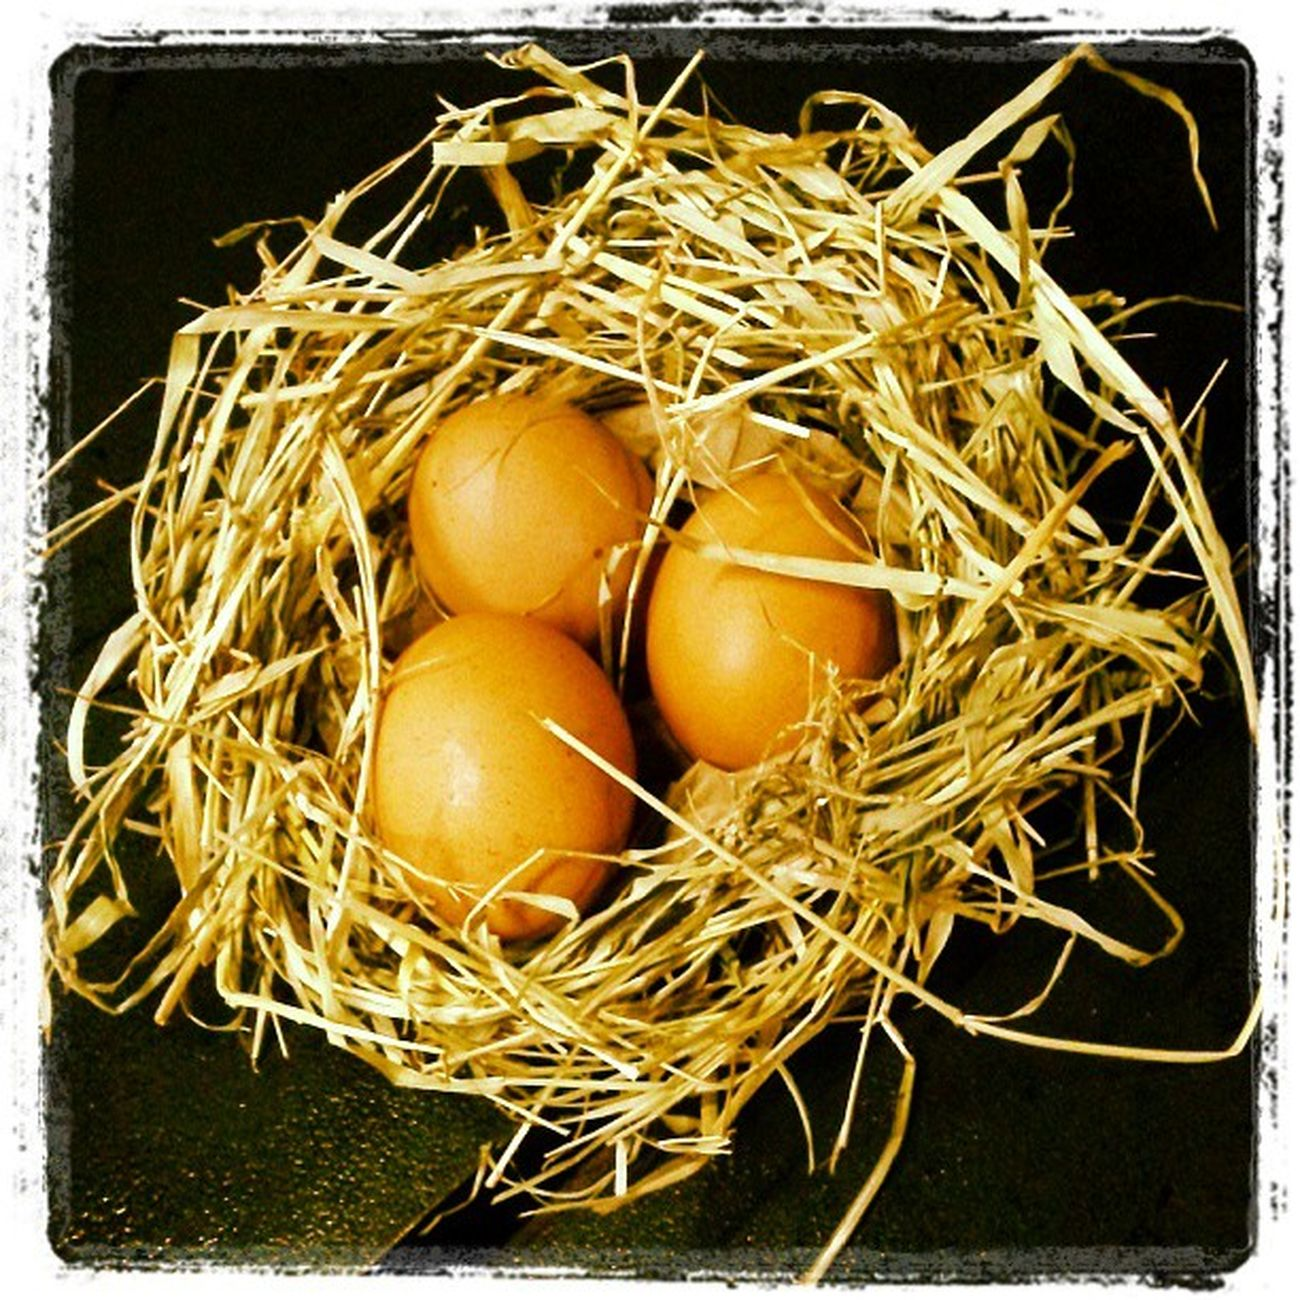 Ovos de galinha caipira, Chicken eggs Animais Galinhas Ovos Chicheneggs eggs aves